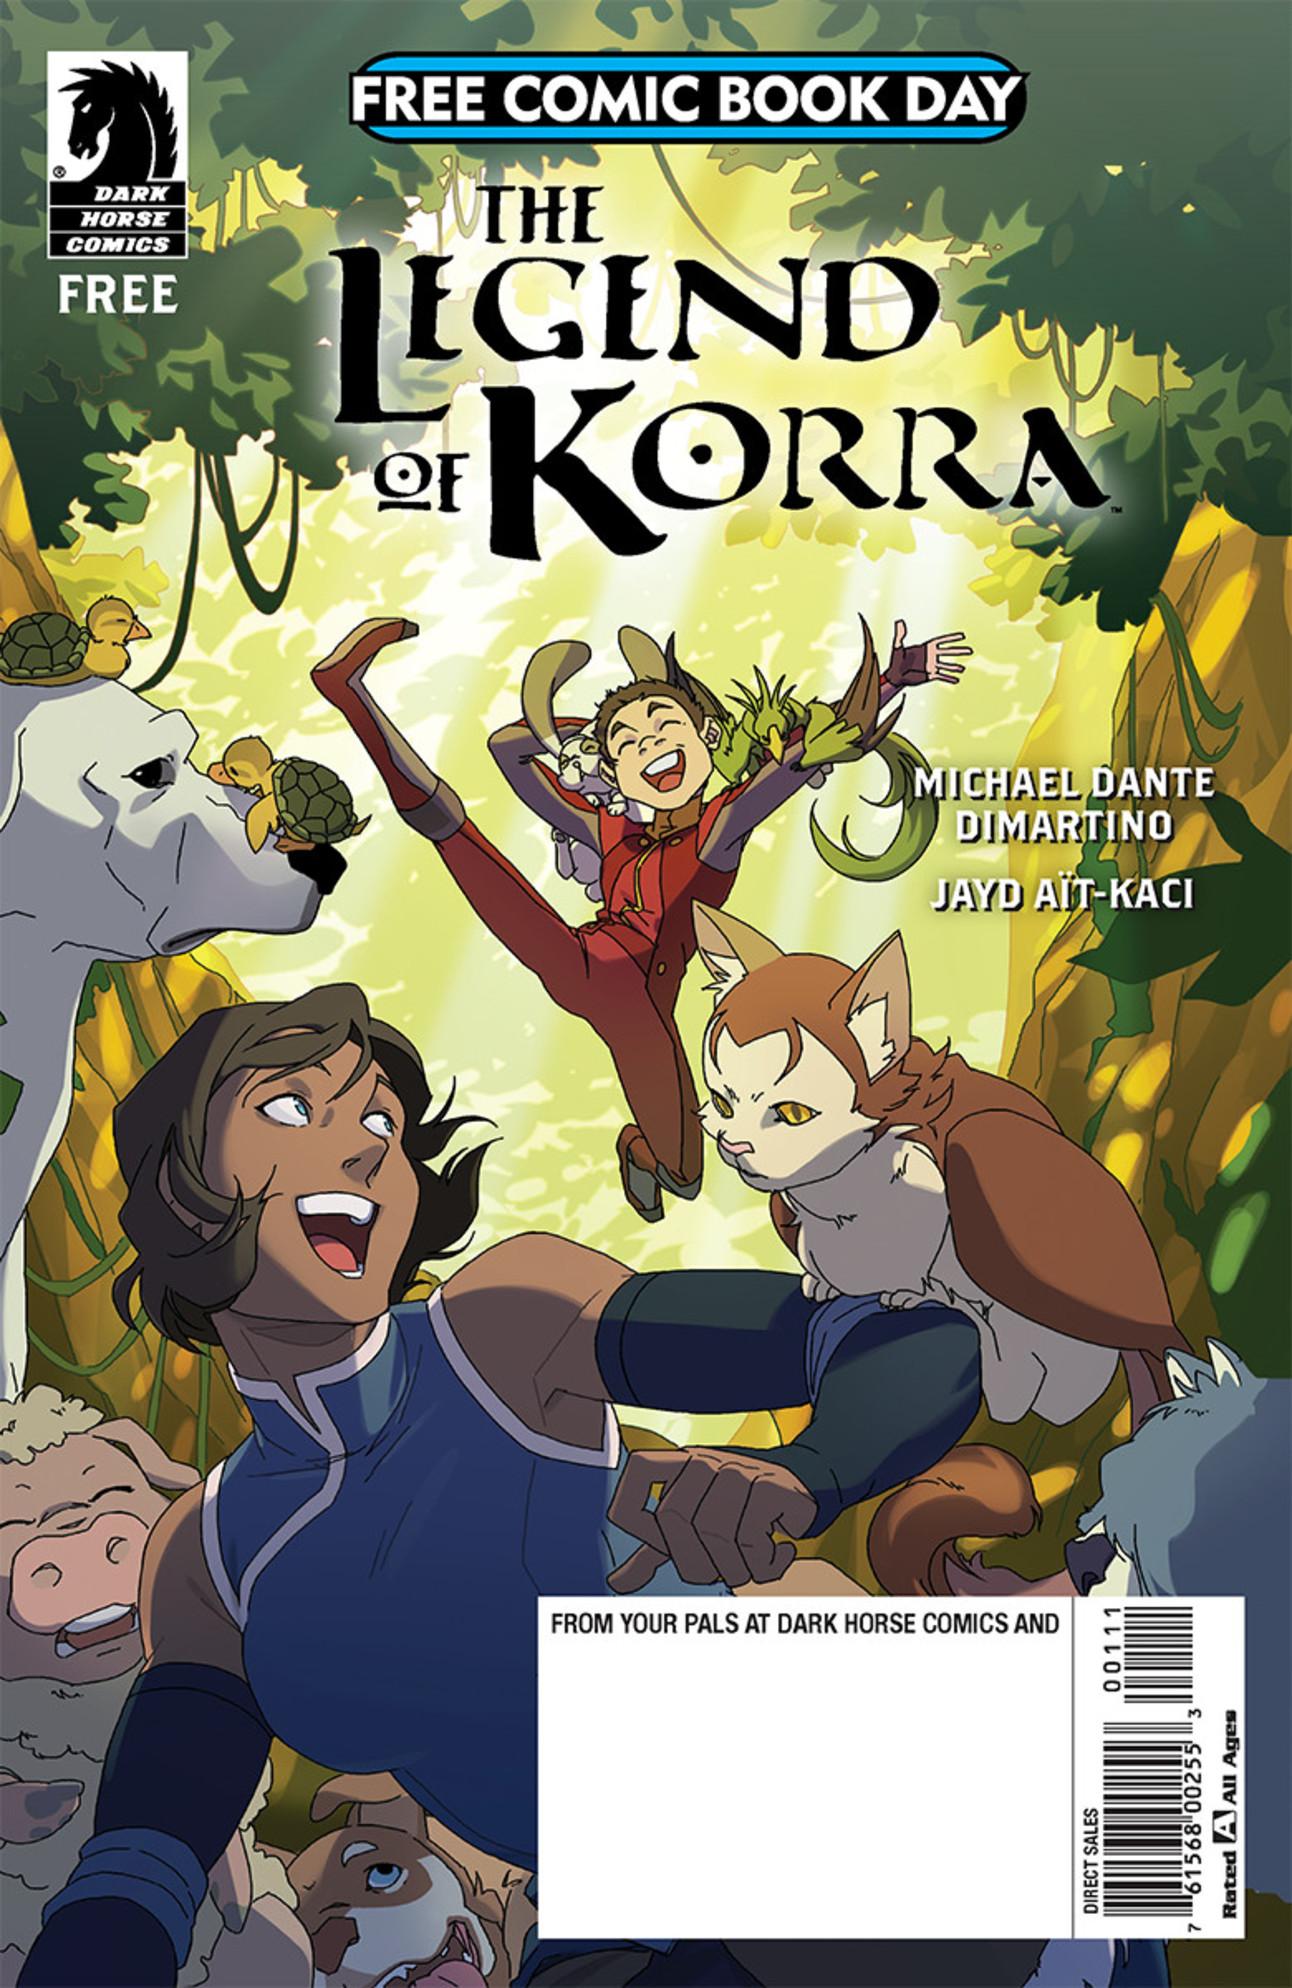 legend-of-korra-cover.jpeg